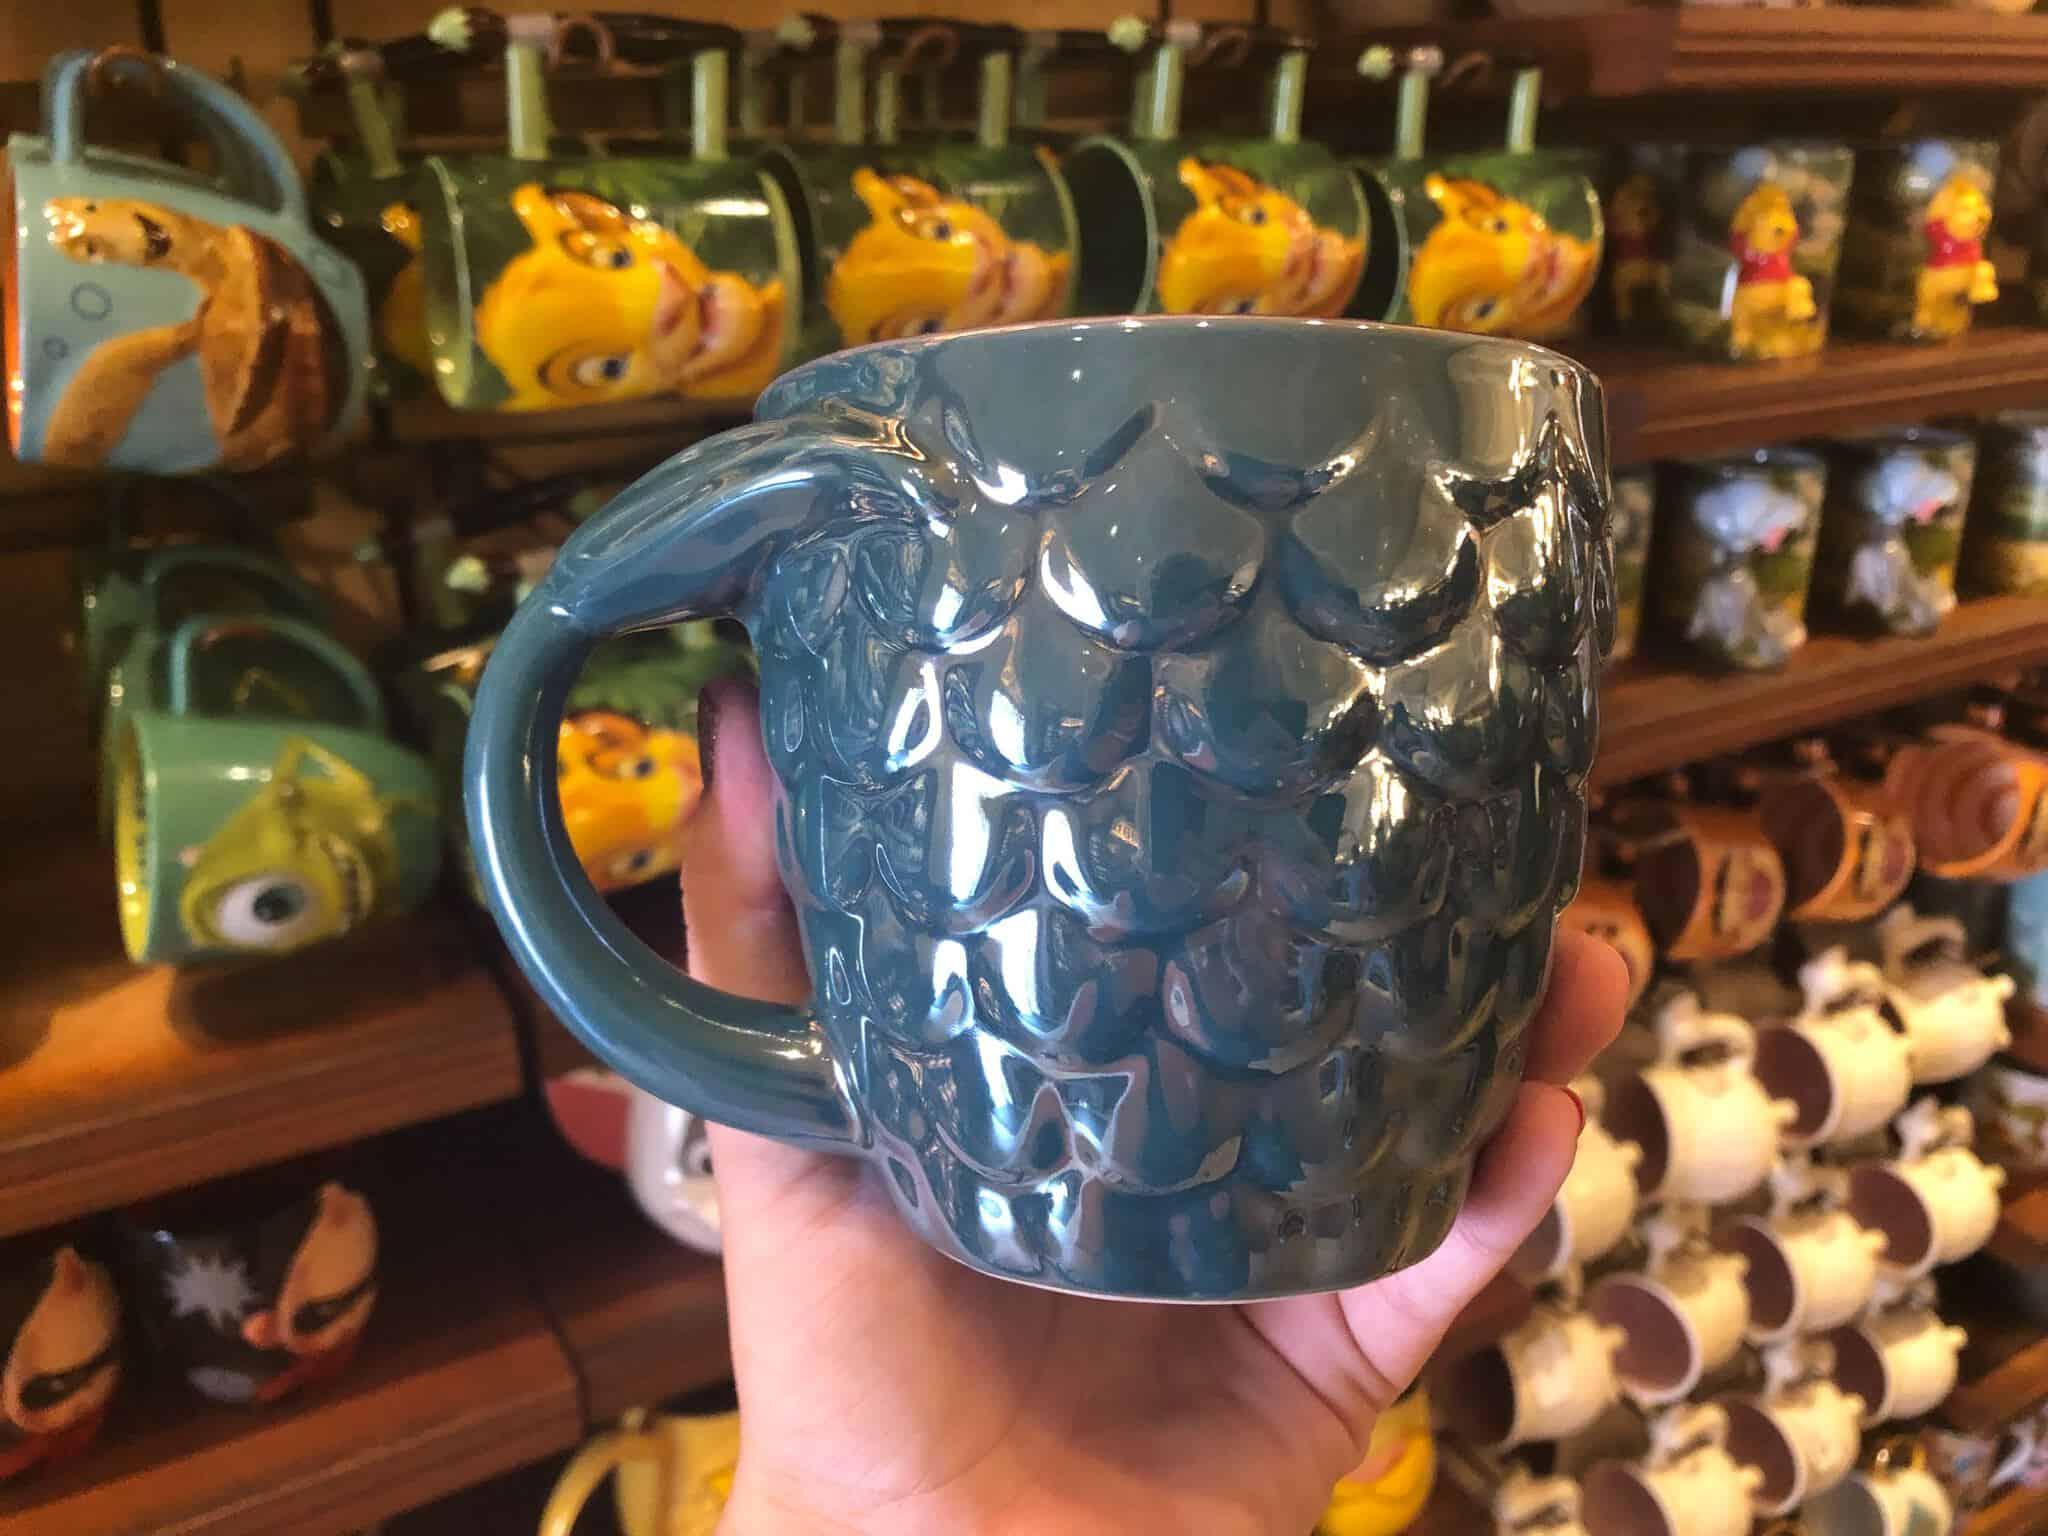 Mermaid Scale Mug